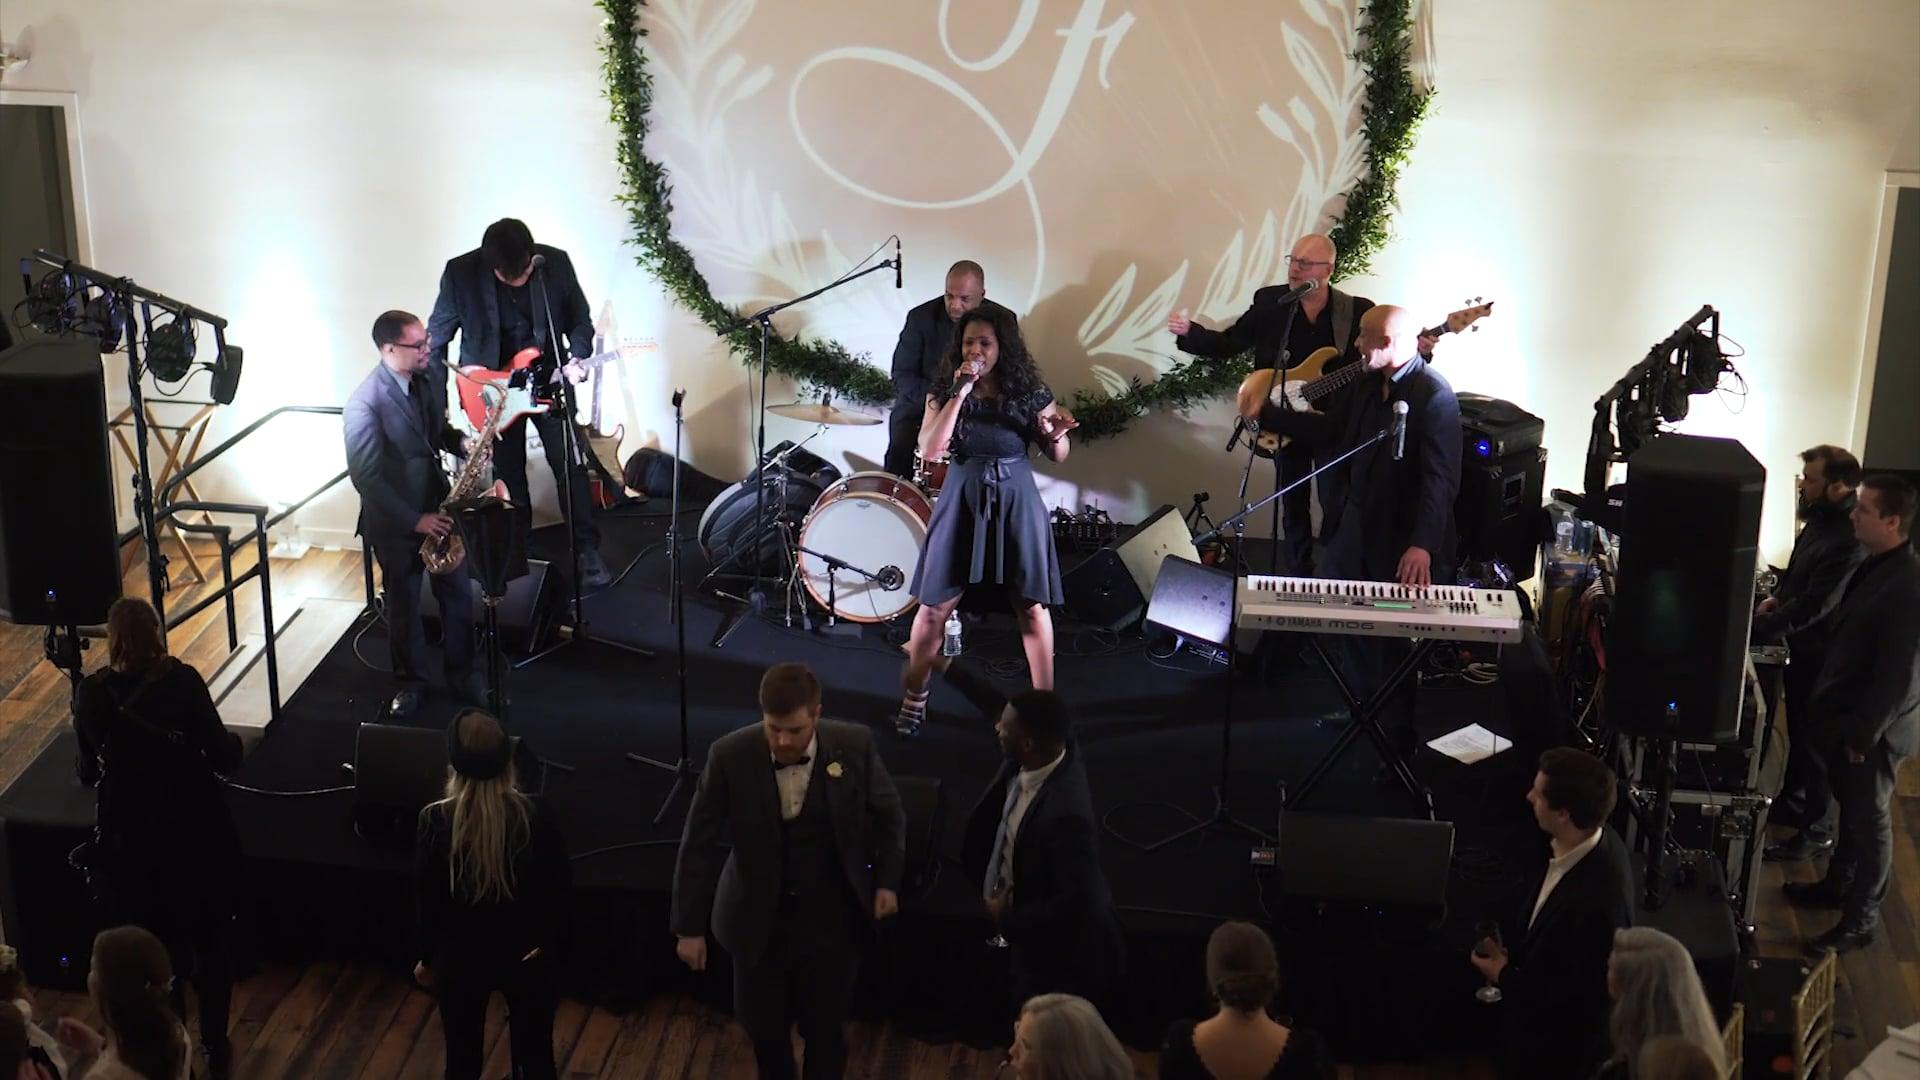 Erik Blue Band at the Fleckenstein Wedding